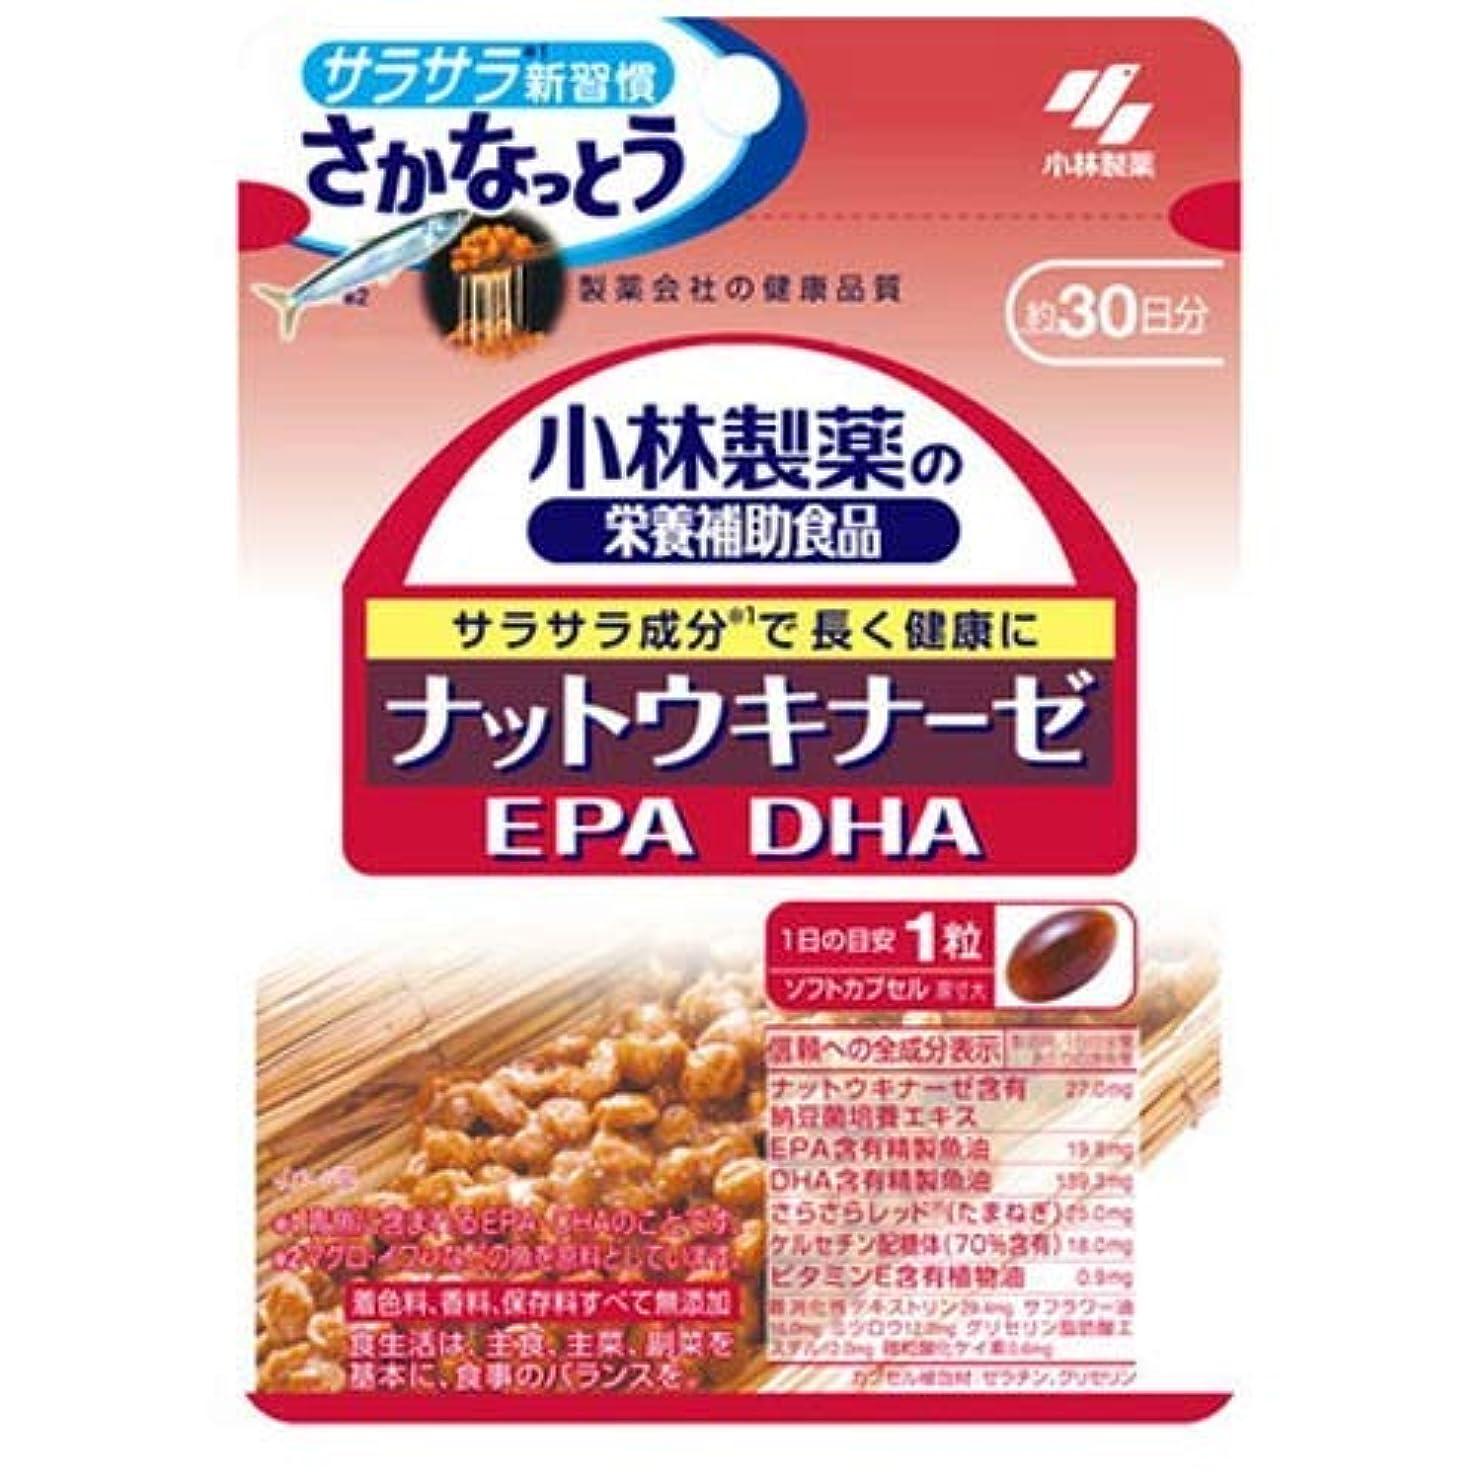 不正シリングビジネス小林製薬 ナットウキナーゼ EPA/DHA 30粒 [メール便対応商品]